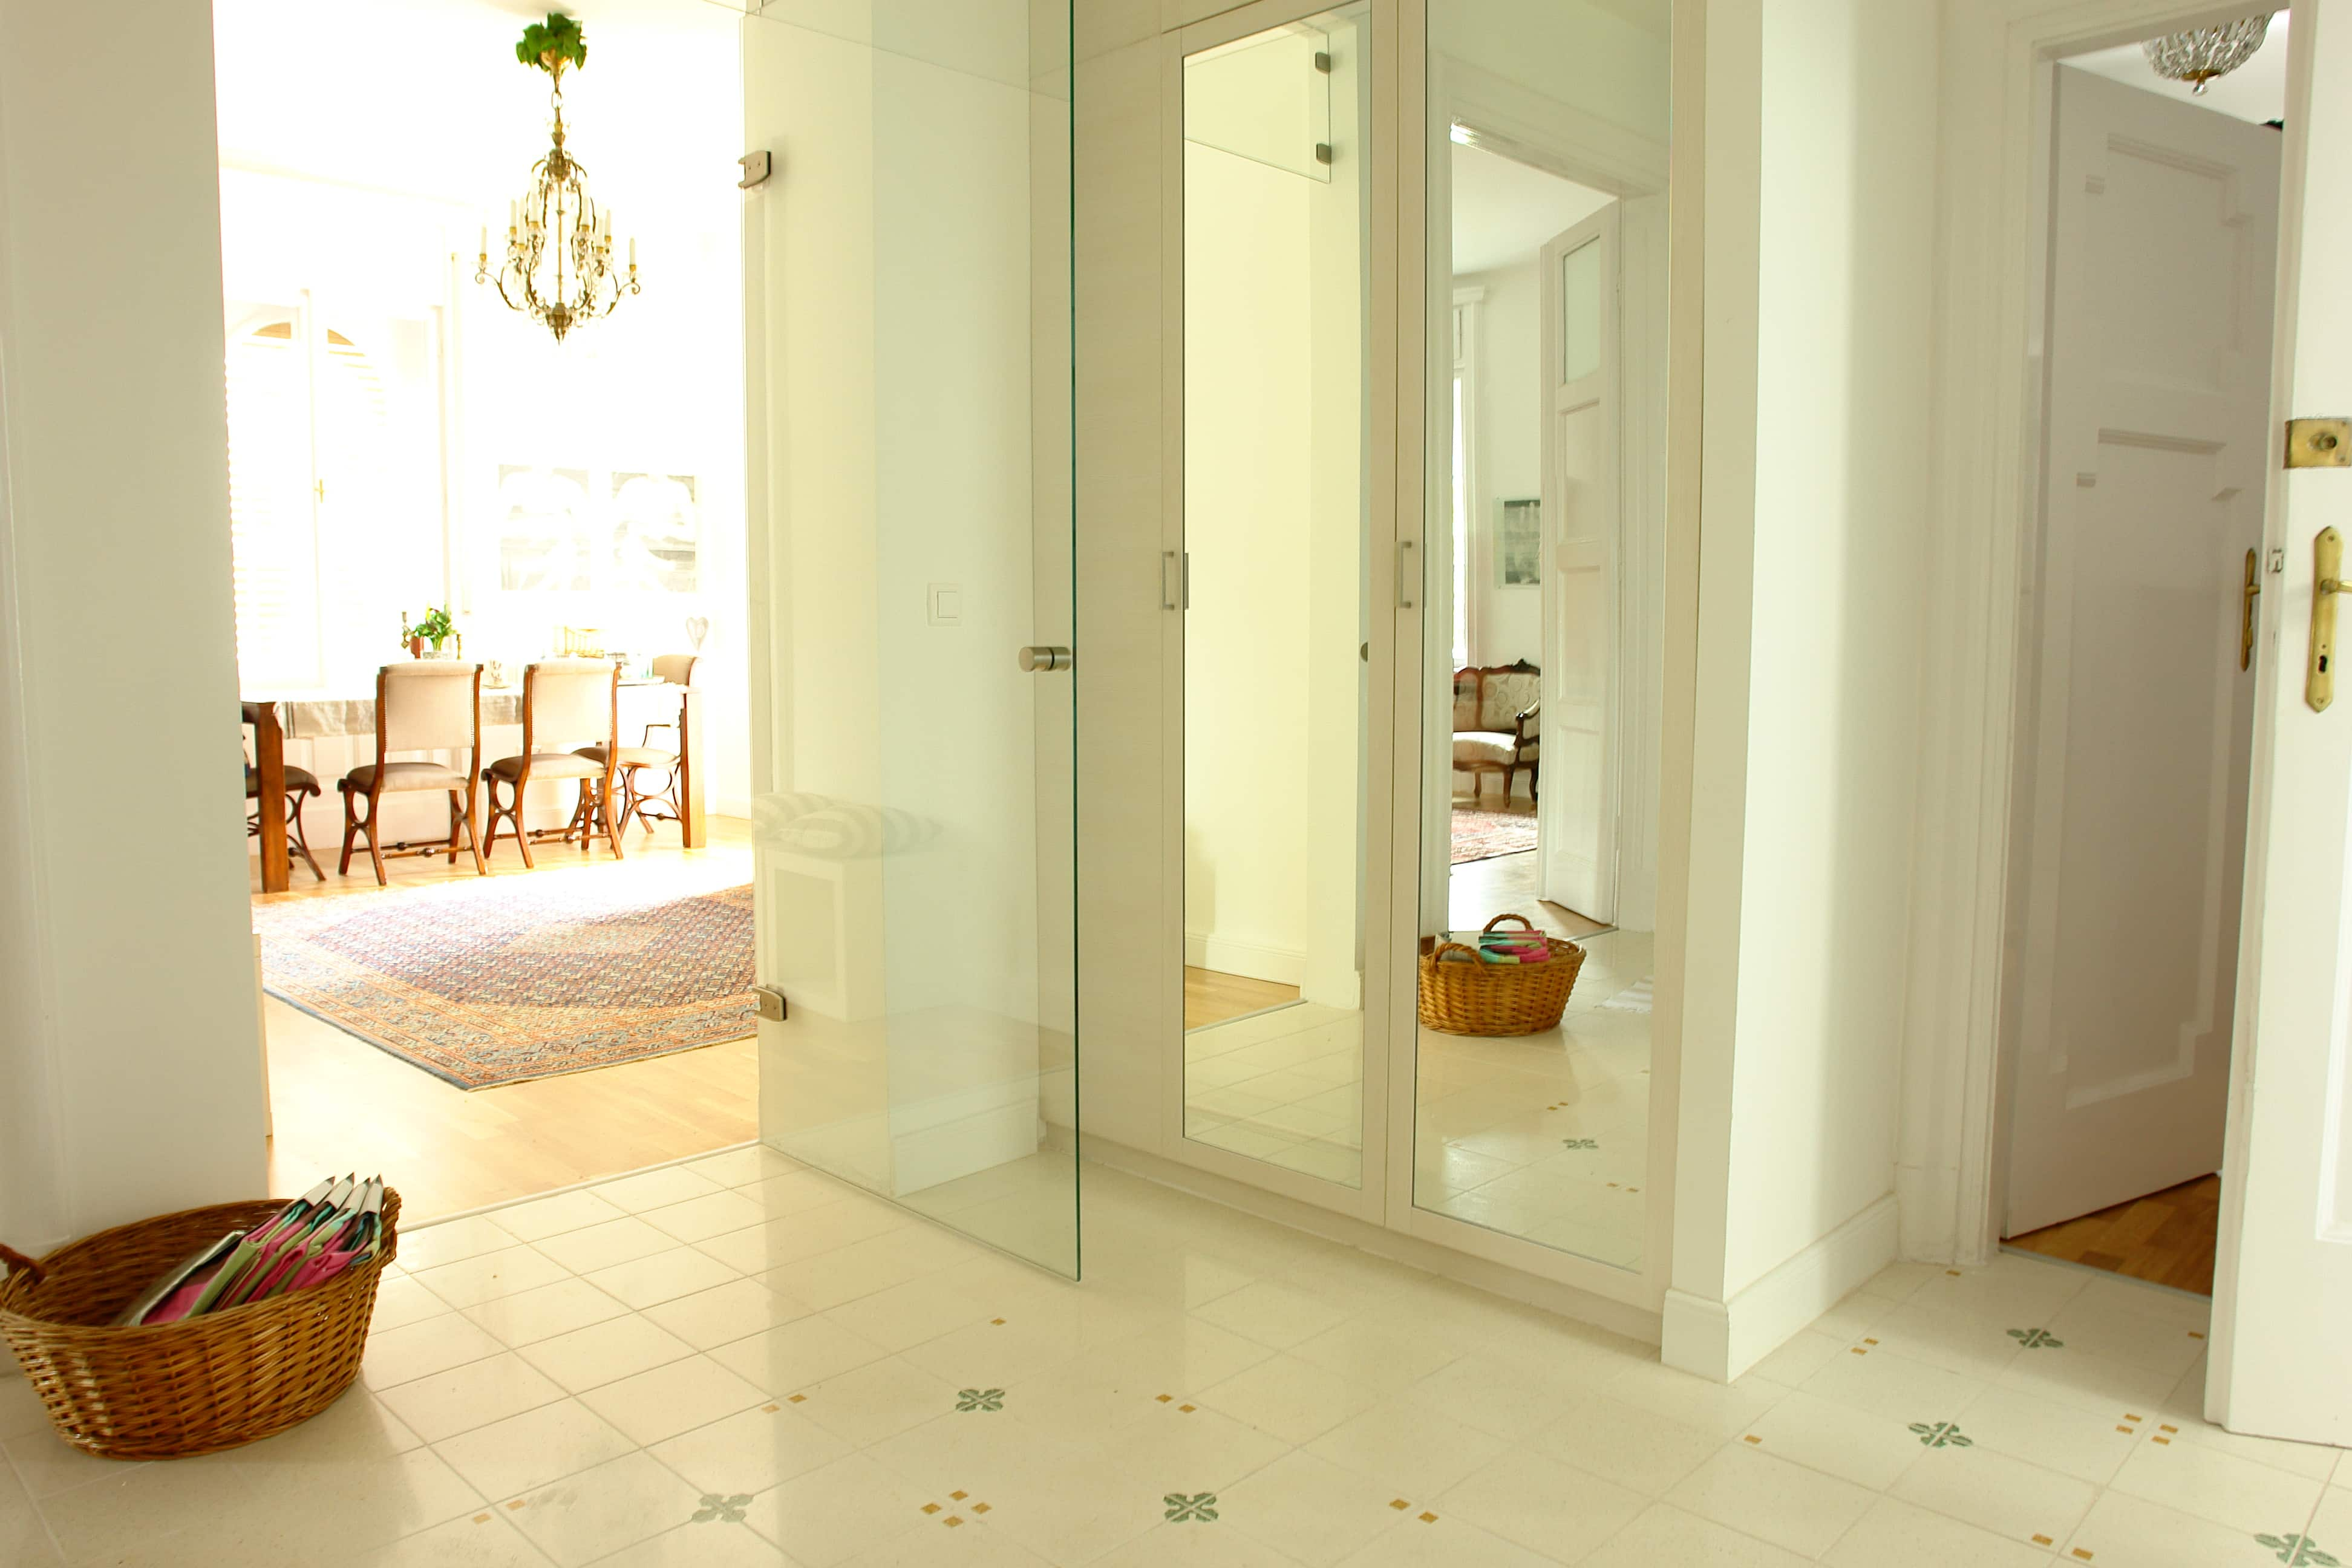 Előszoba szekrény - a tükör tágítja a teret